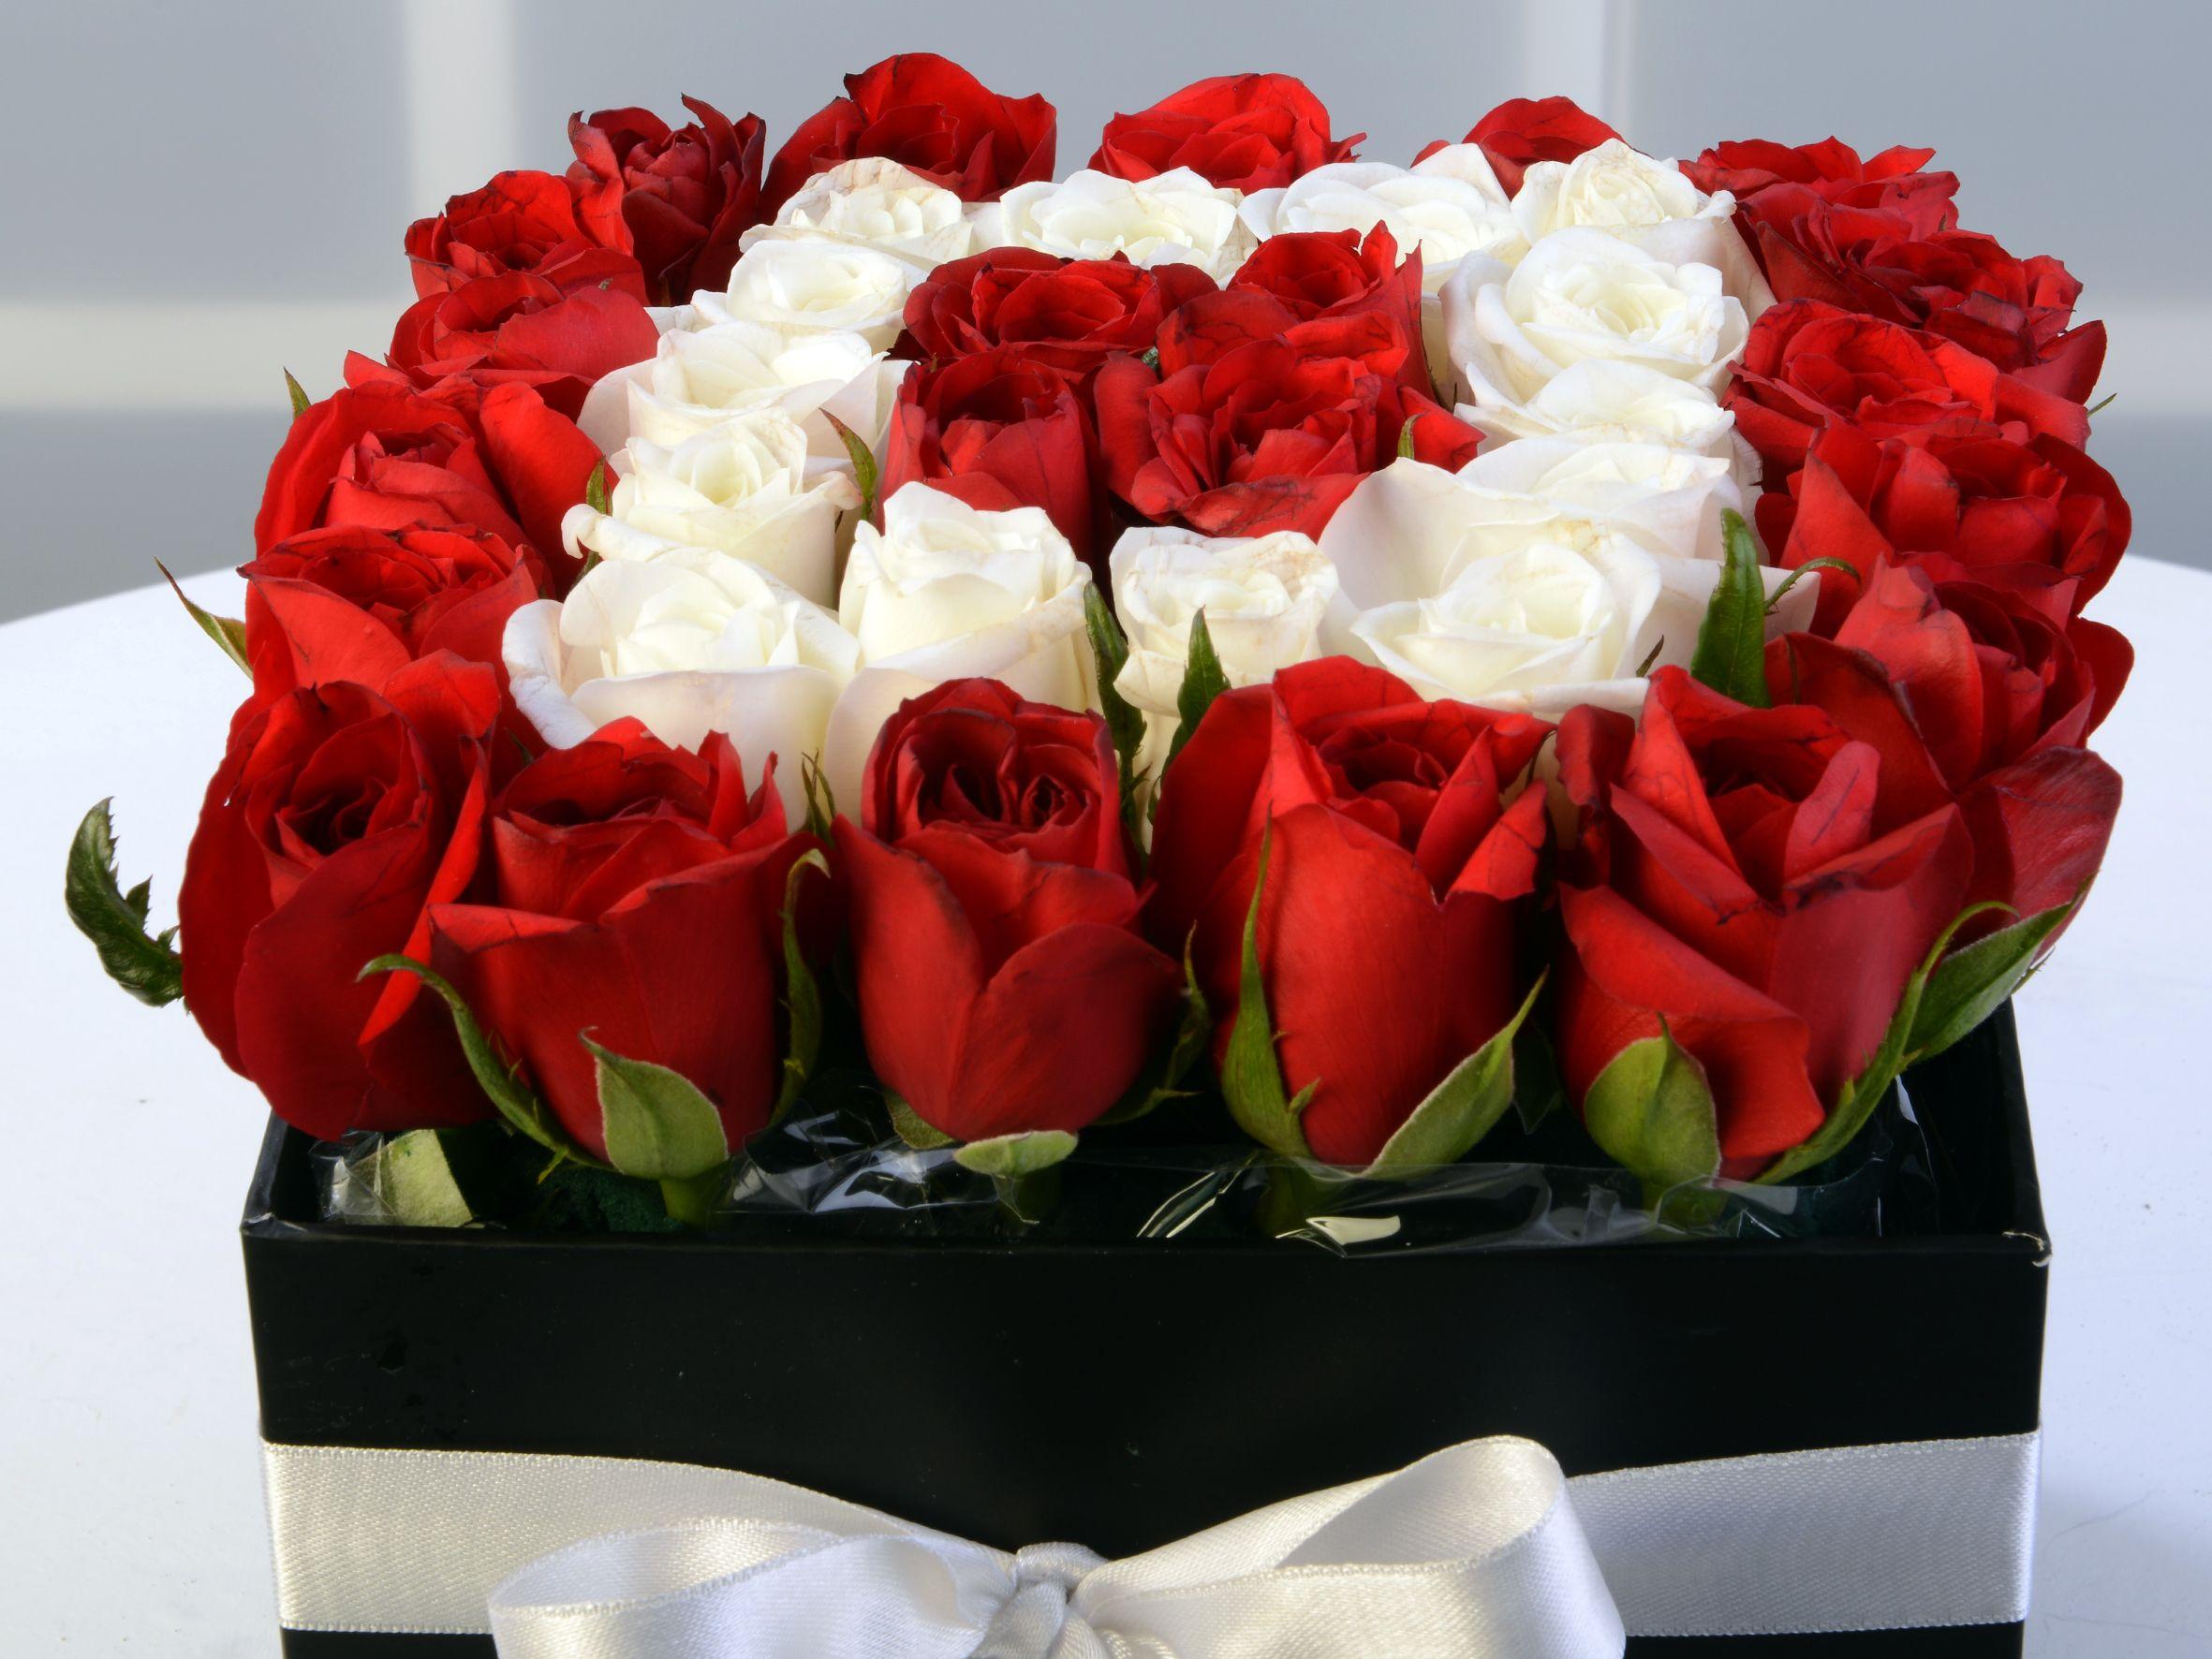 Kare Kapaklı Kutuda Güller Kutuda Aranjmanlar çiçek gönder